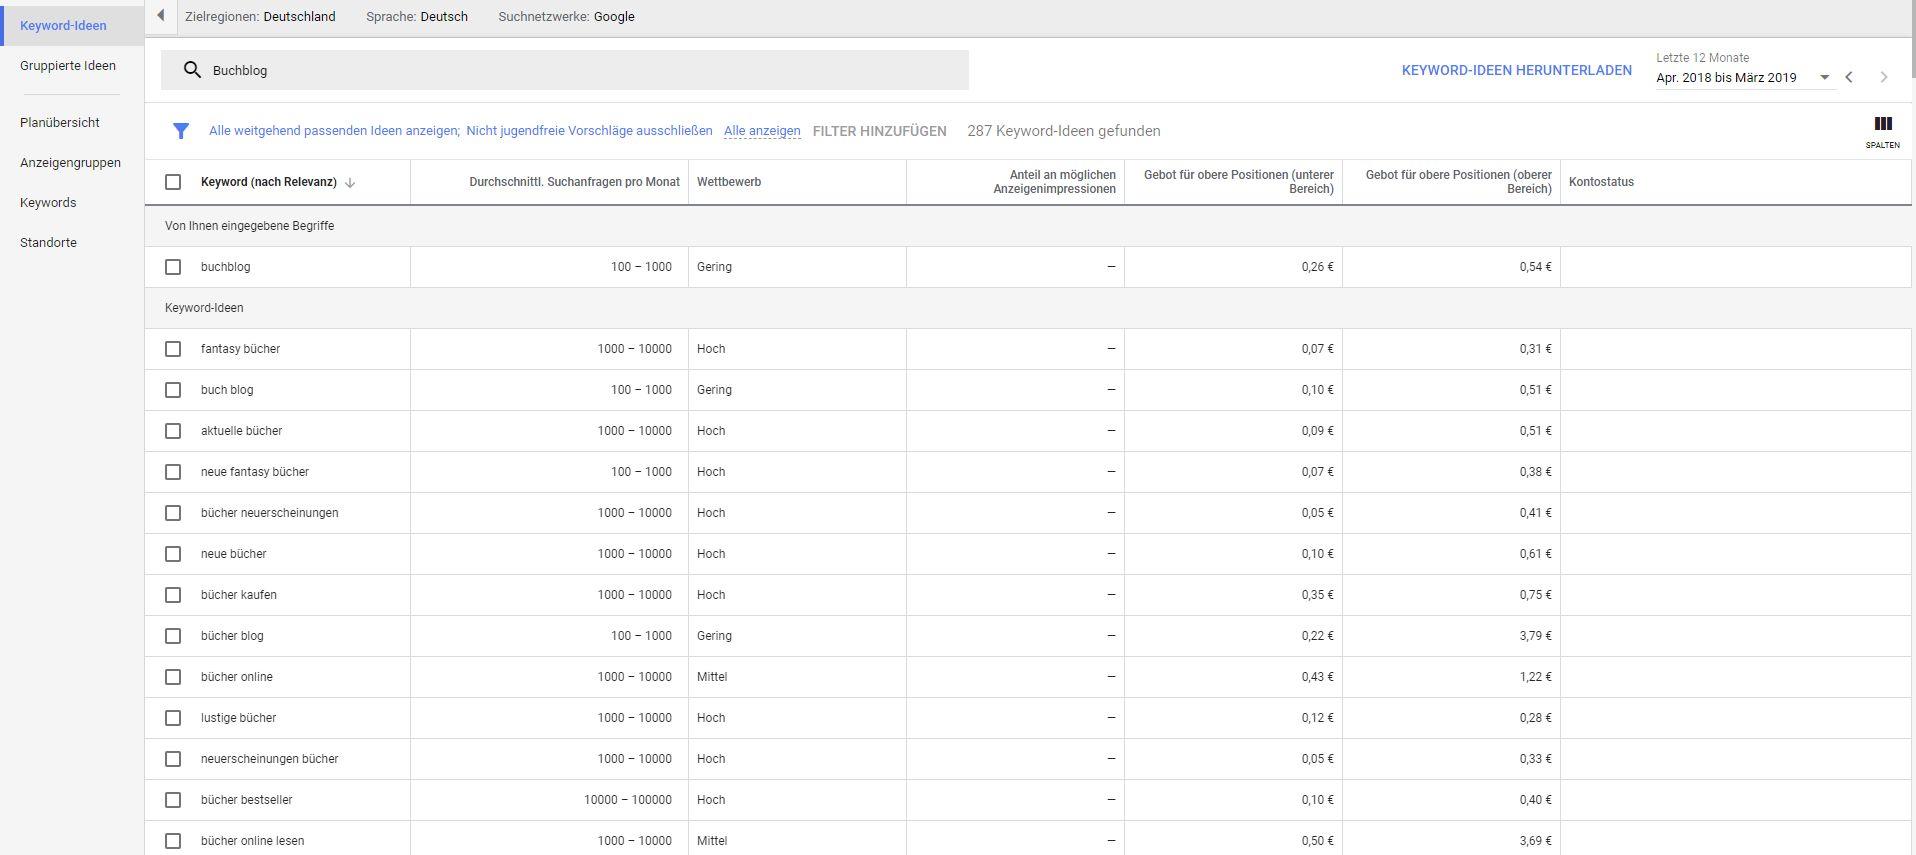 Kostenlose Website erstellen - Themen analysieren